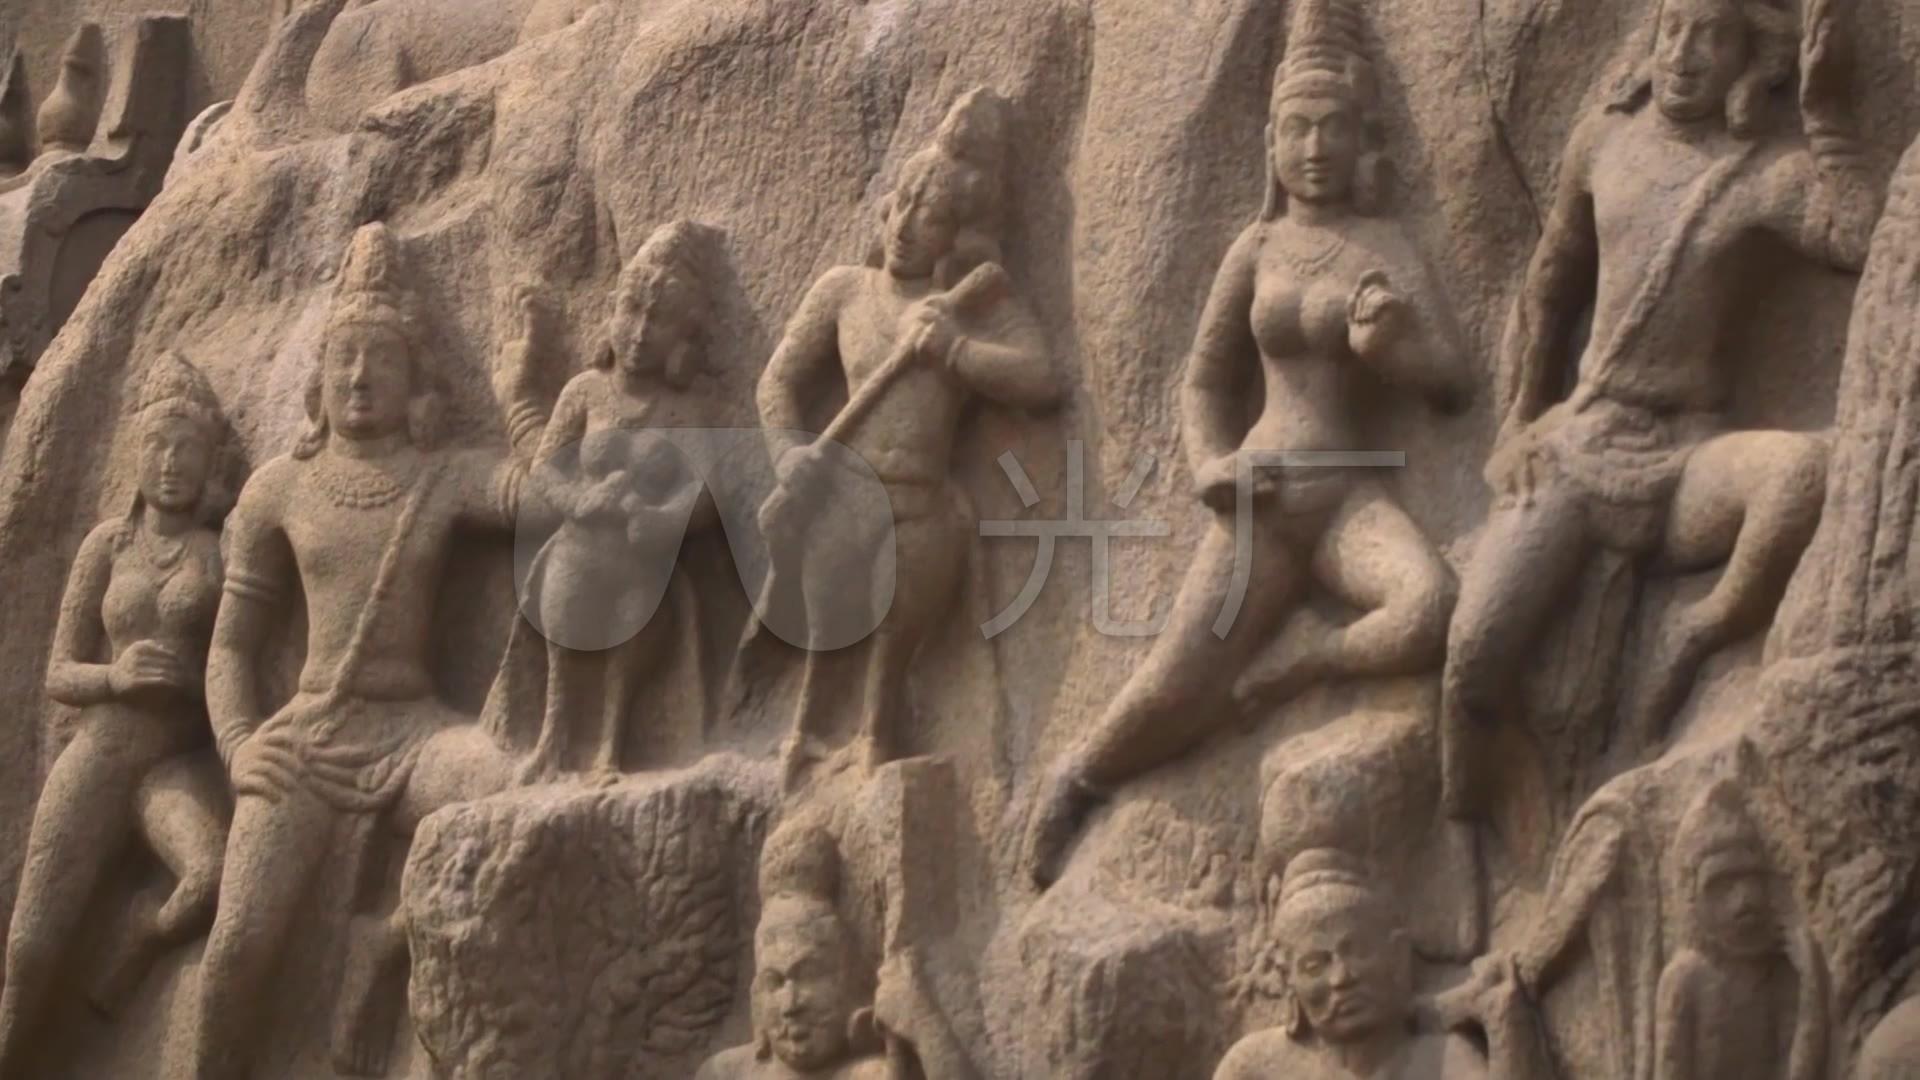 印度文化雕_佛像巨石_石刻僧人大象僧侣_192浩森建筑设计院有限公司v文化图片